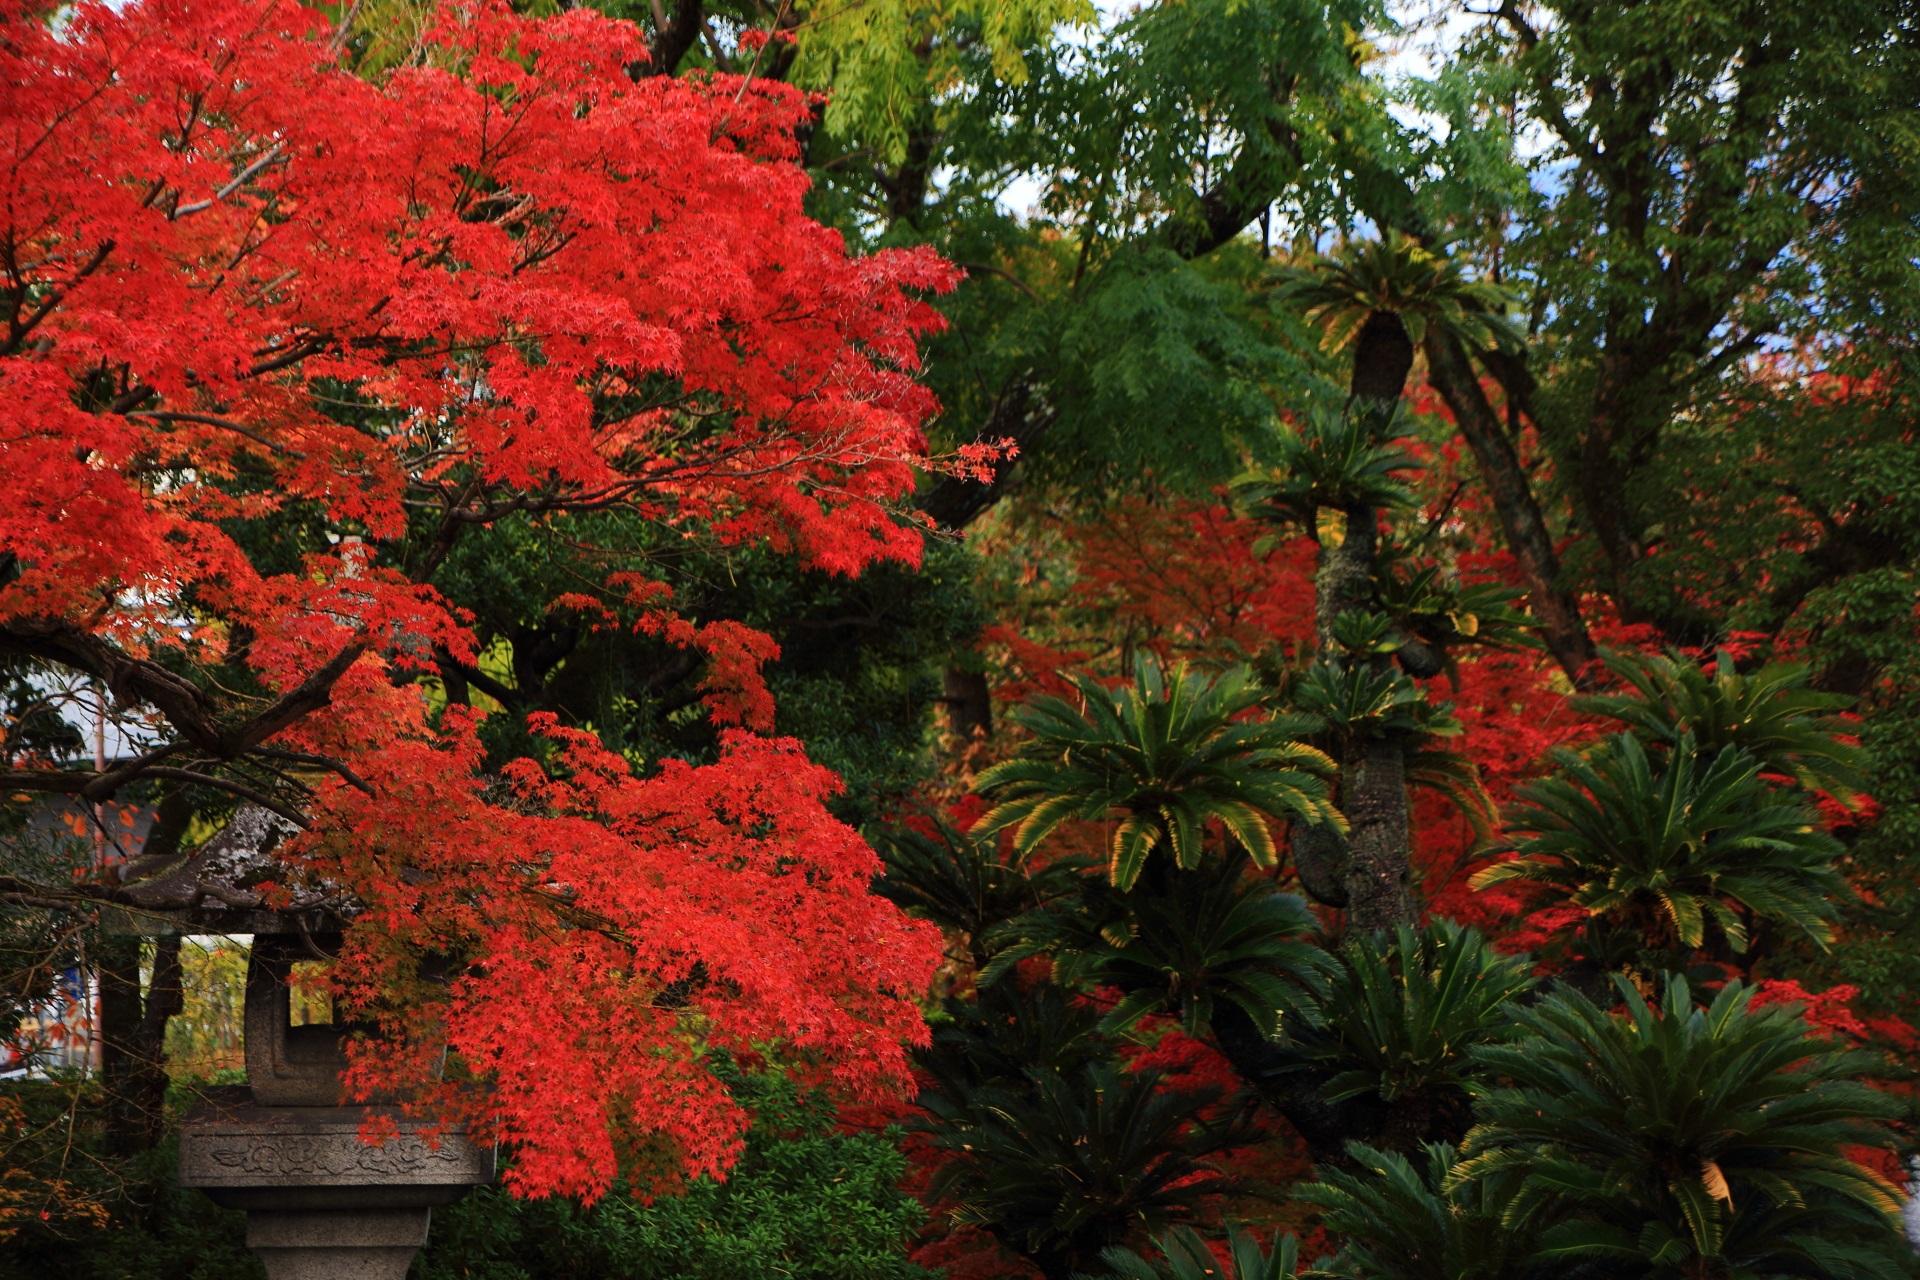 大谷本廟の円通橋と総門の間の紅葉と東南アジアっぽい植物